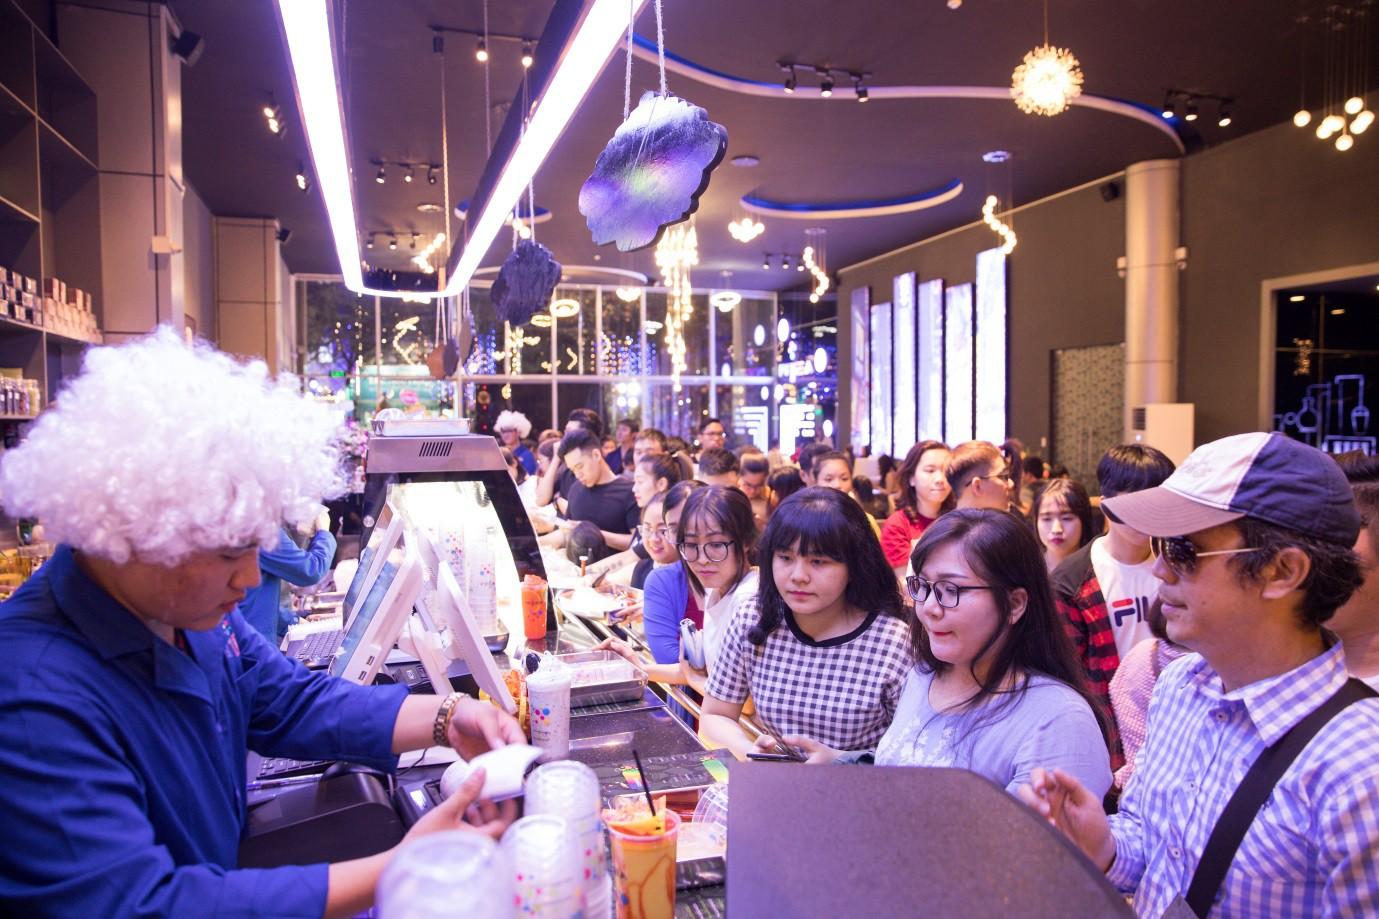 Trà sữa Ntea Drink gây sốt khi thu hút hàng nghìn khách hàng dịp khai trương - Ảnh 5.